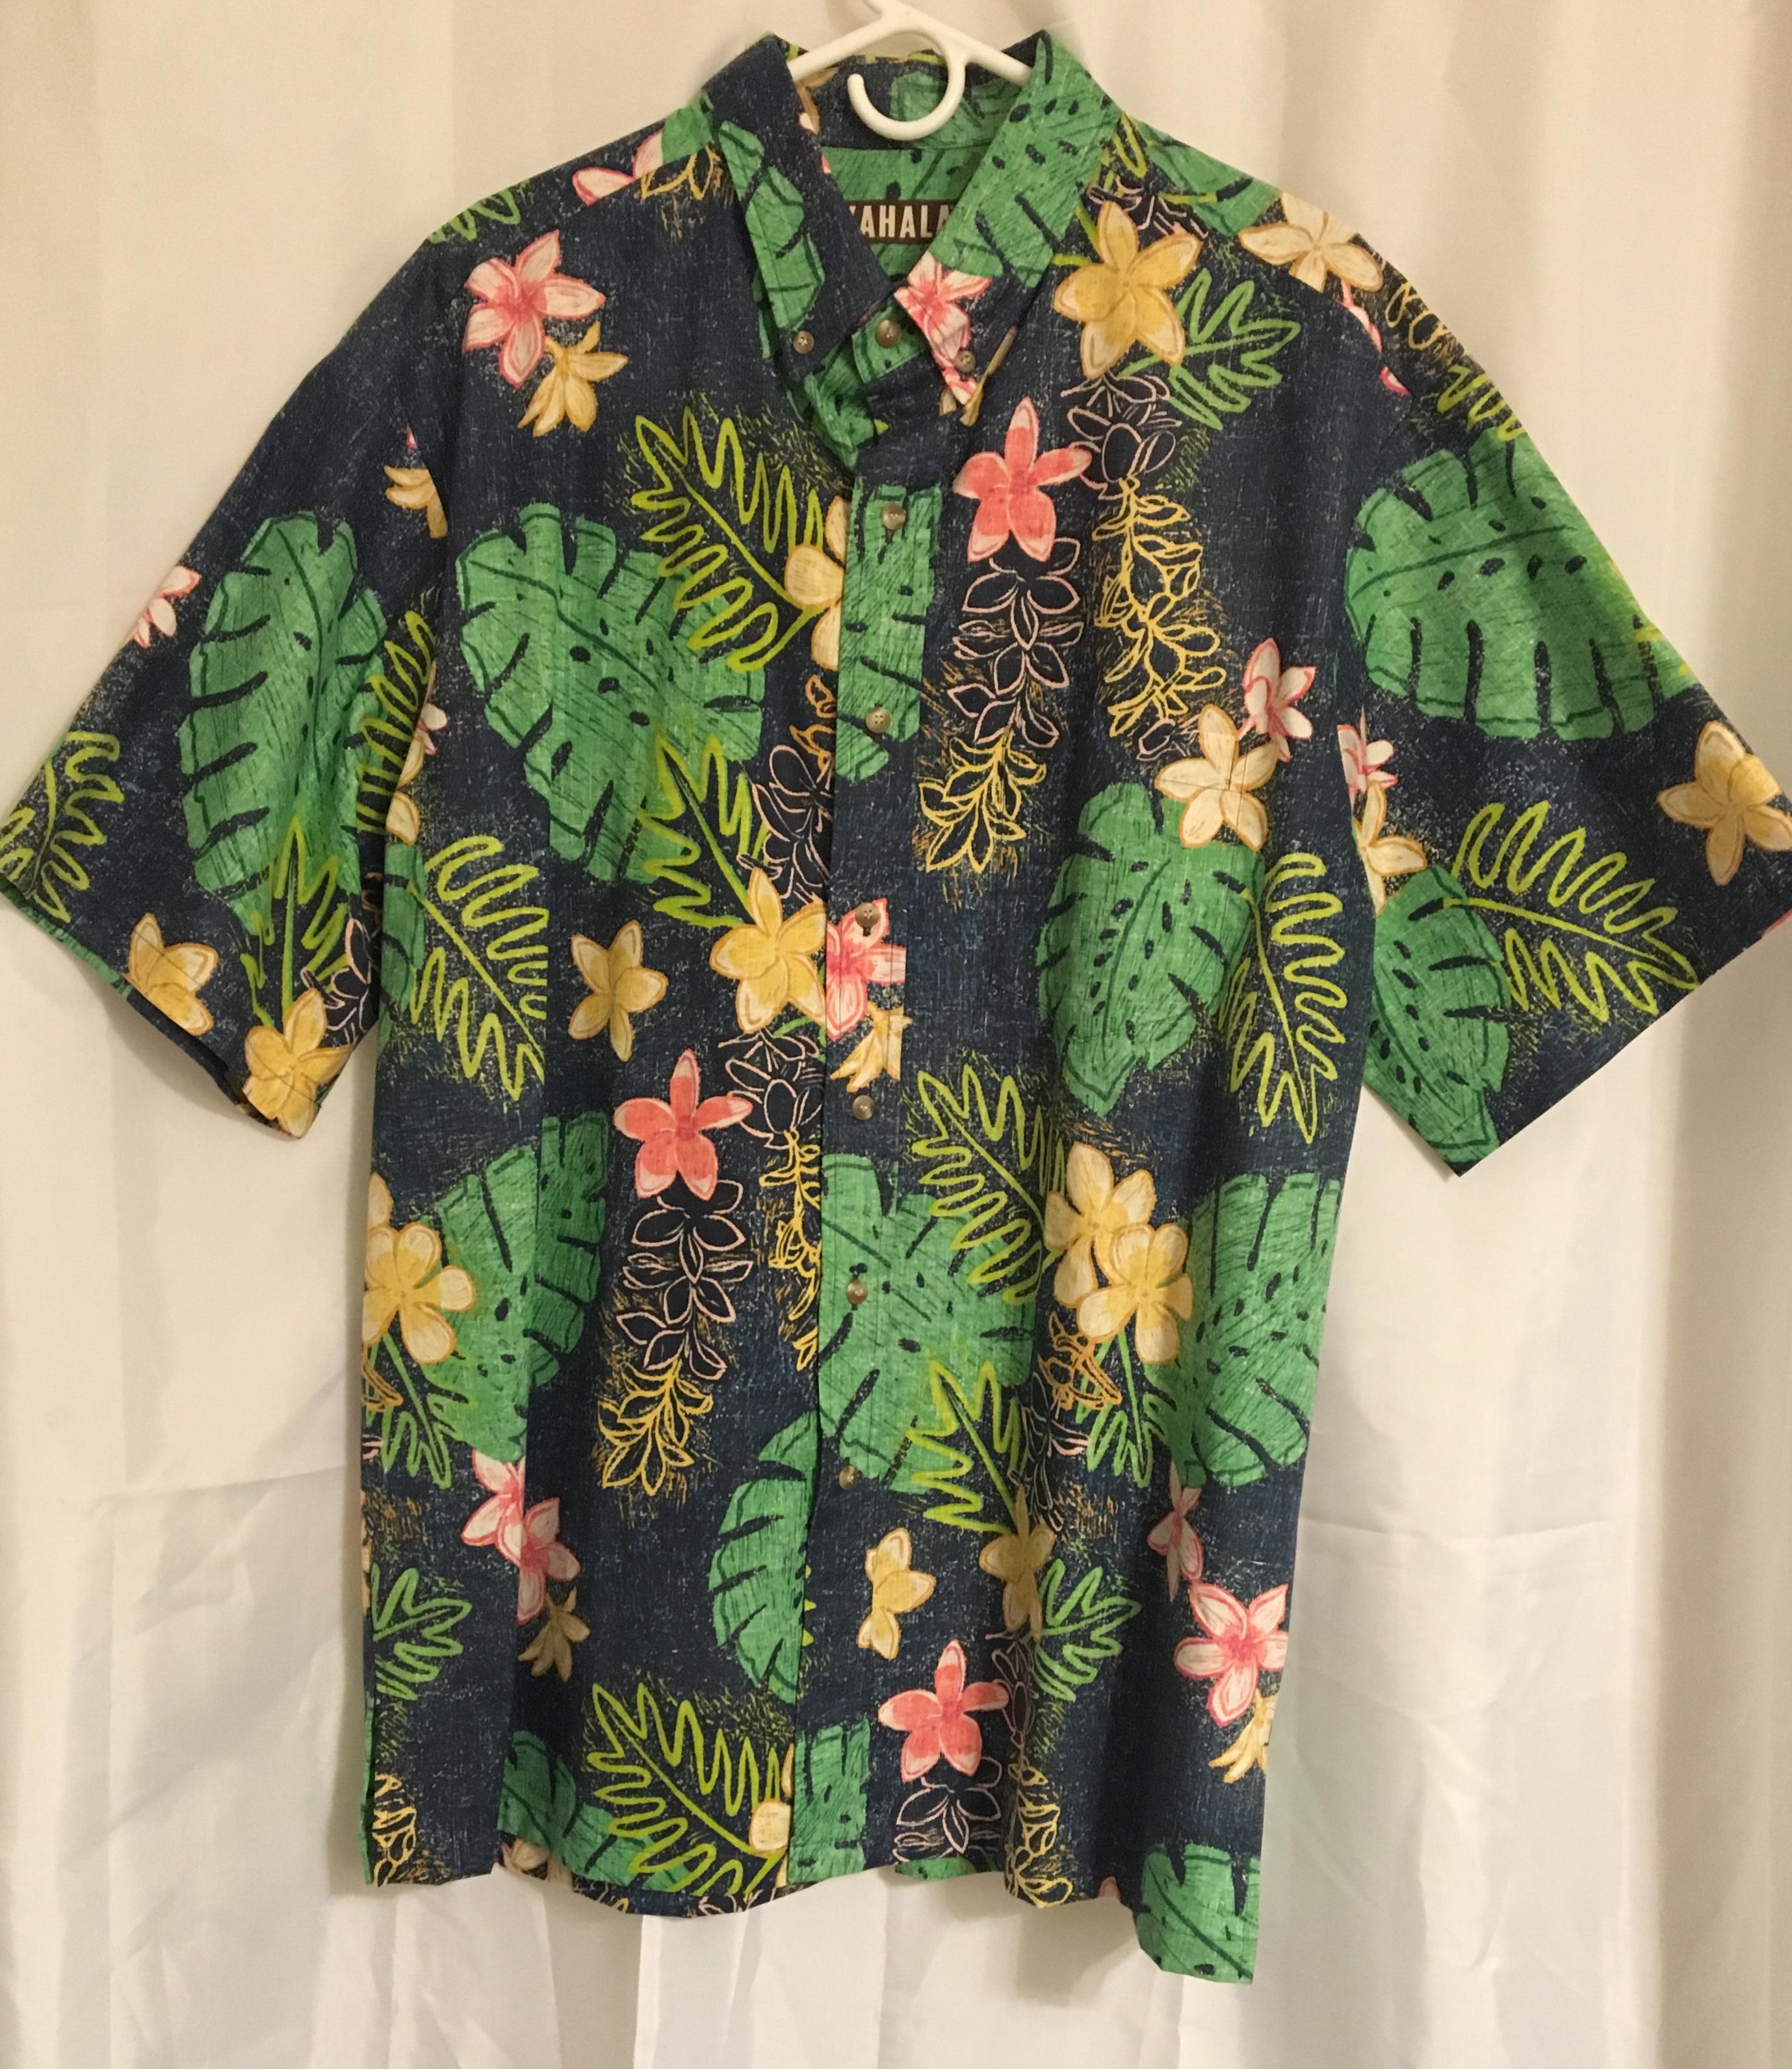 KAHALA Holualoa shirt